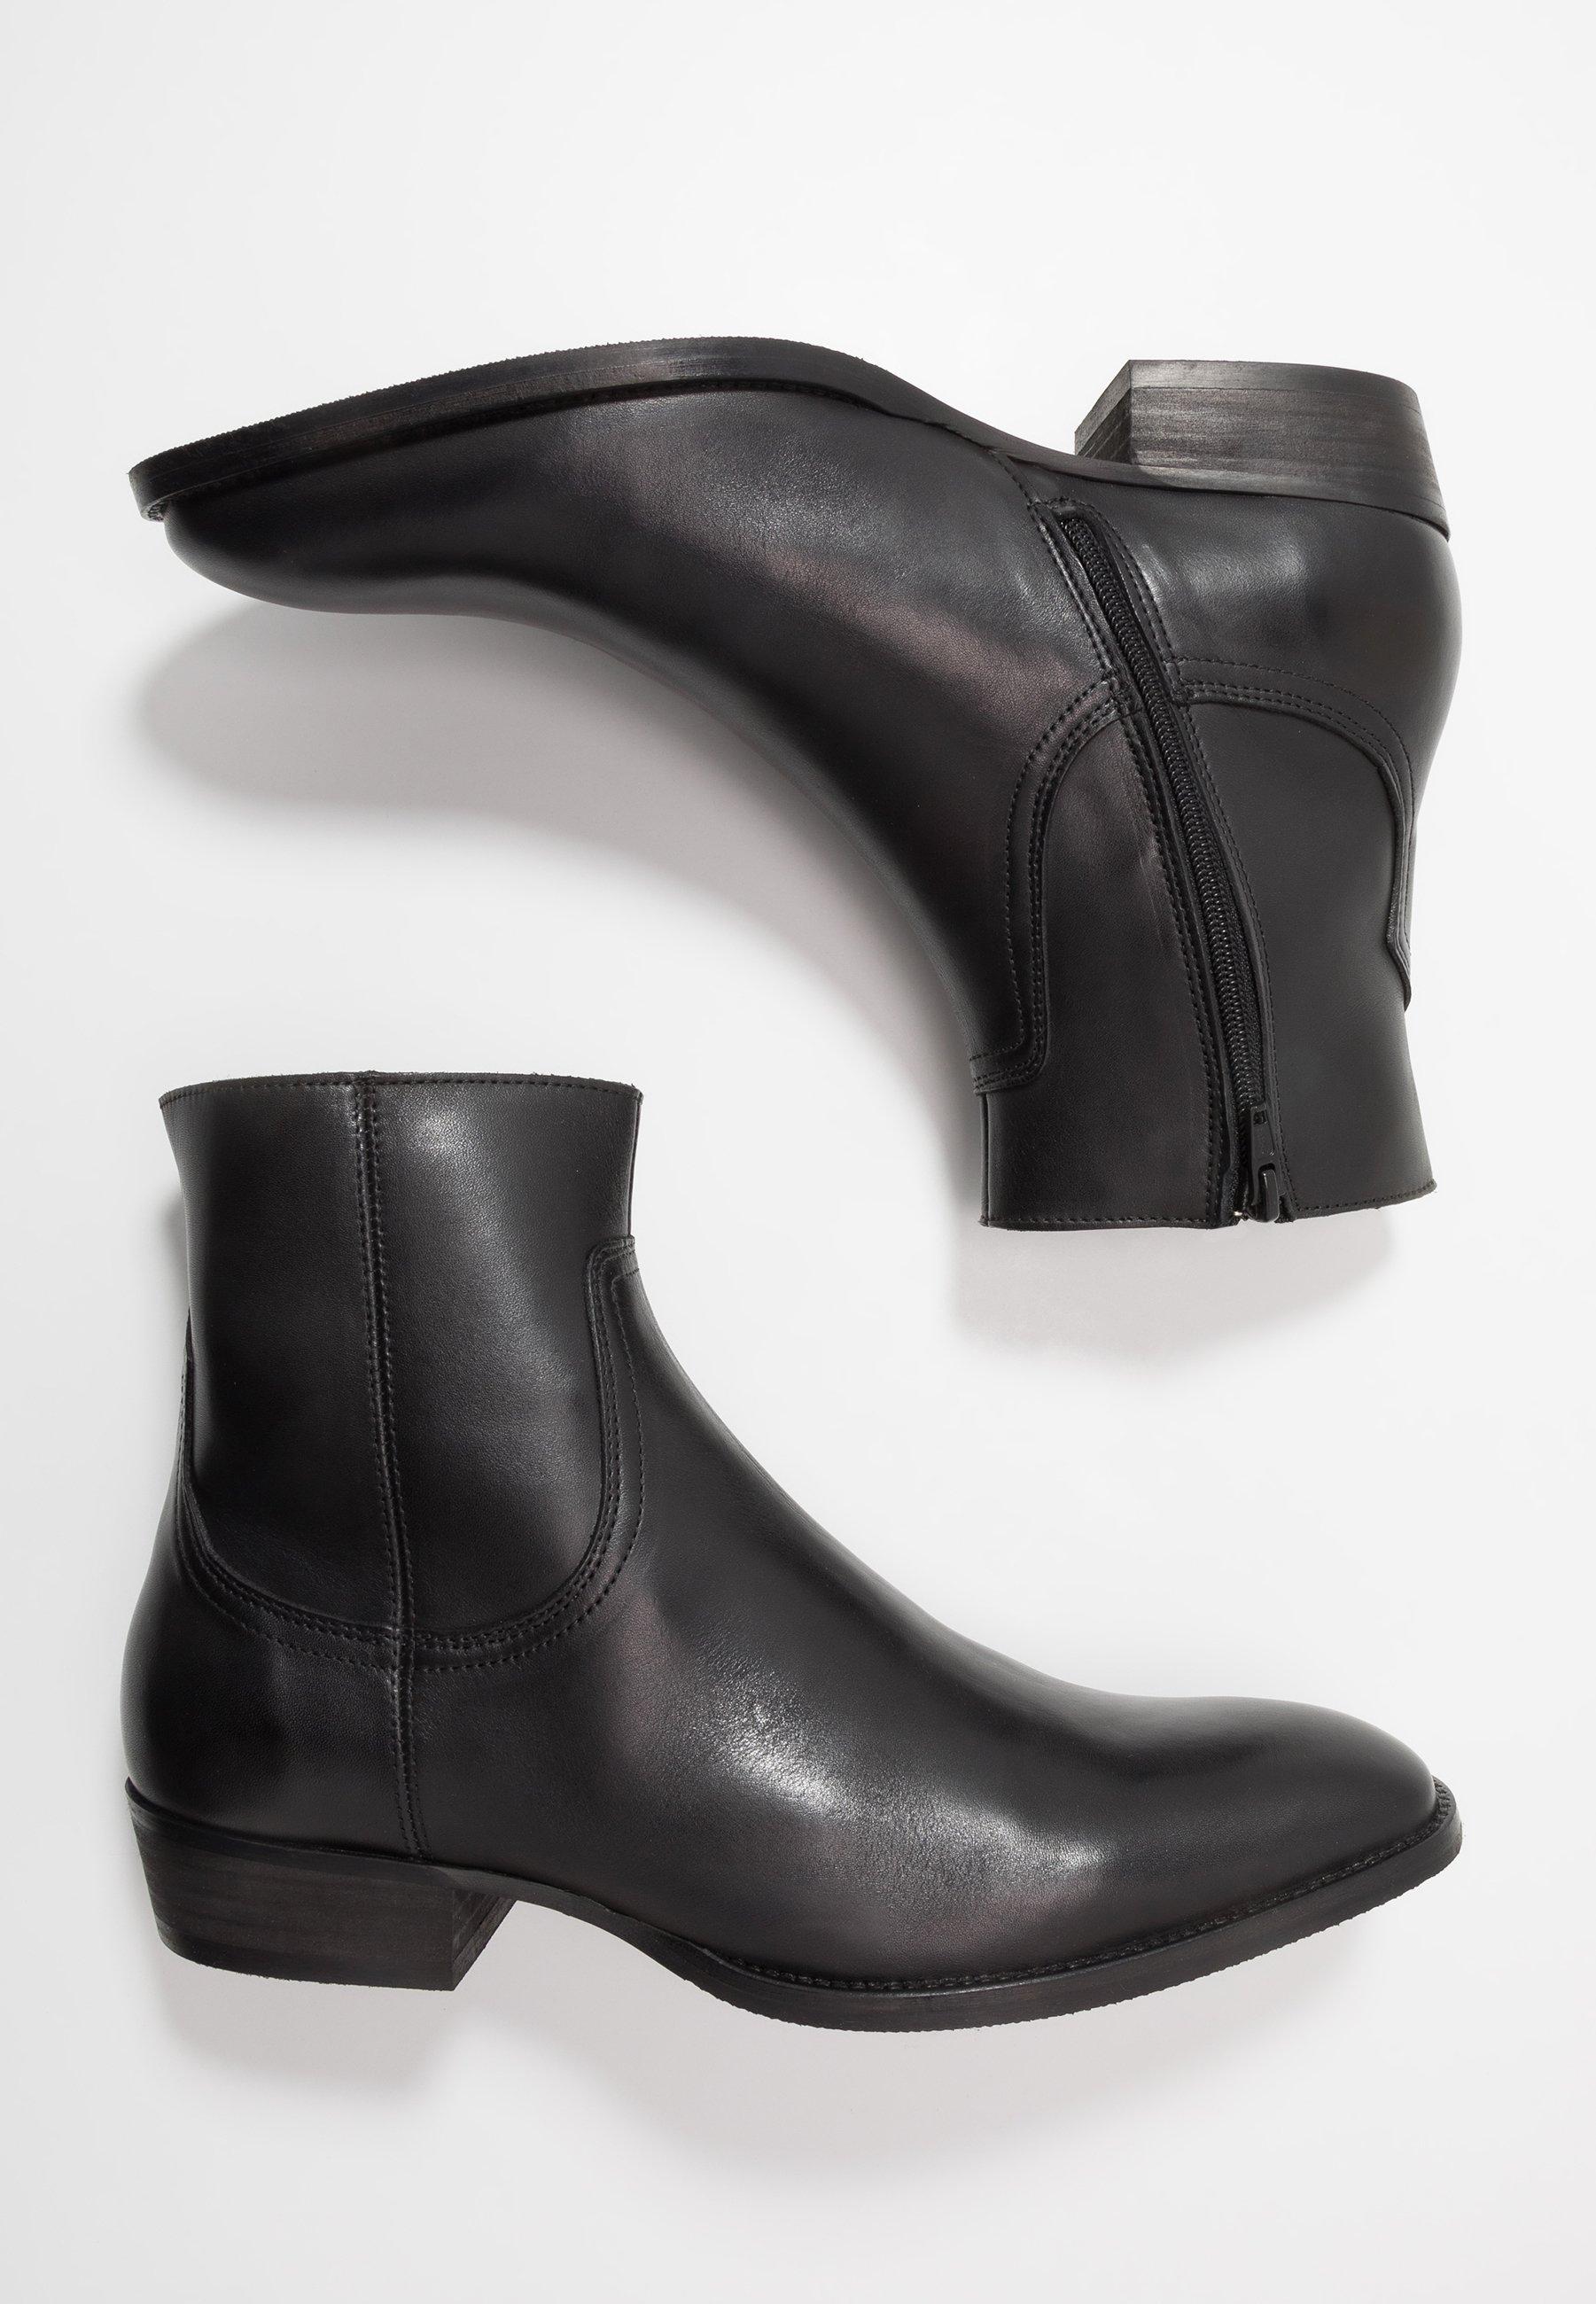 Bianco Biabeck Boot - Stövletter Black 4T5jsiK